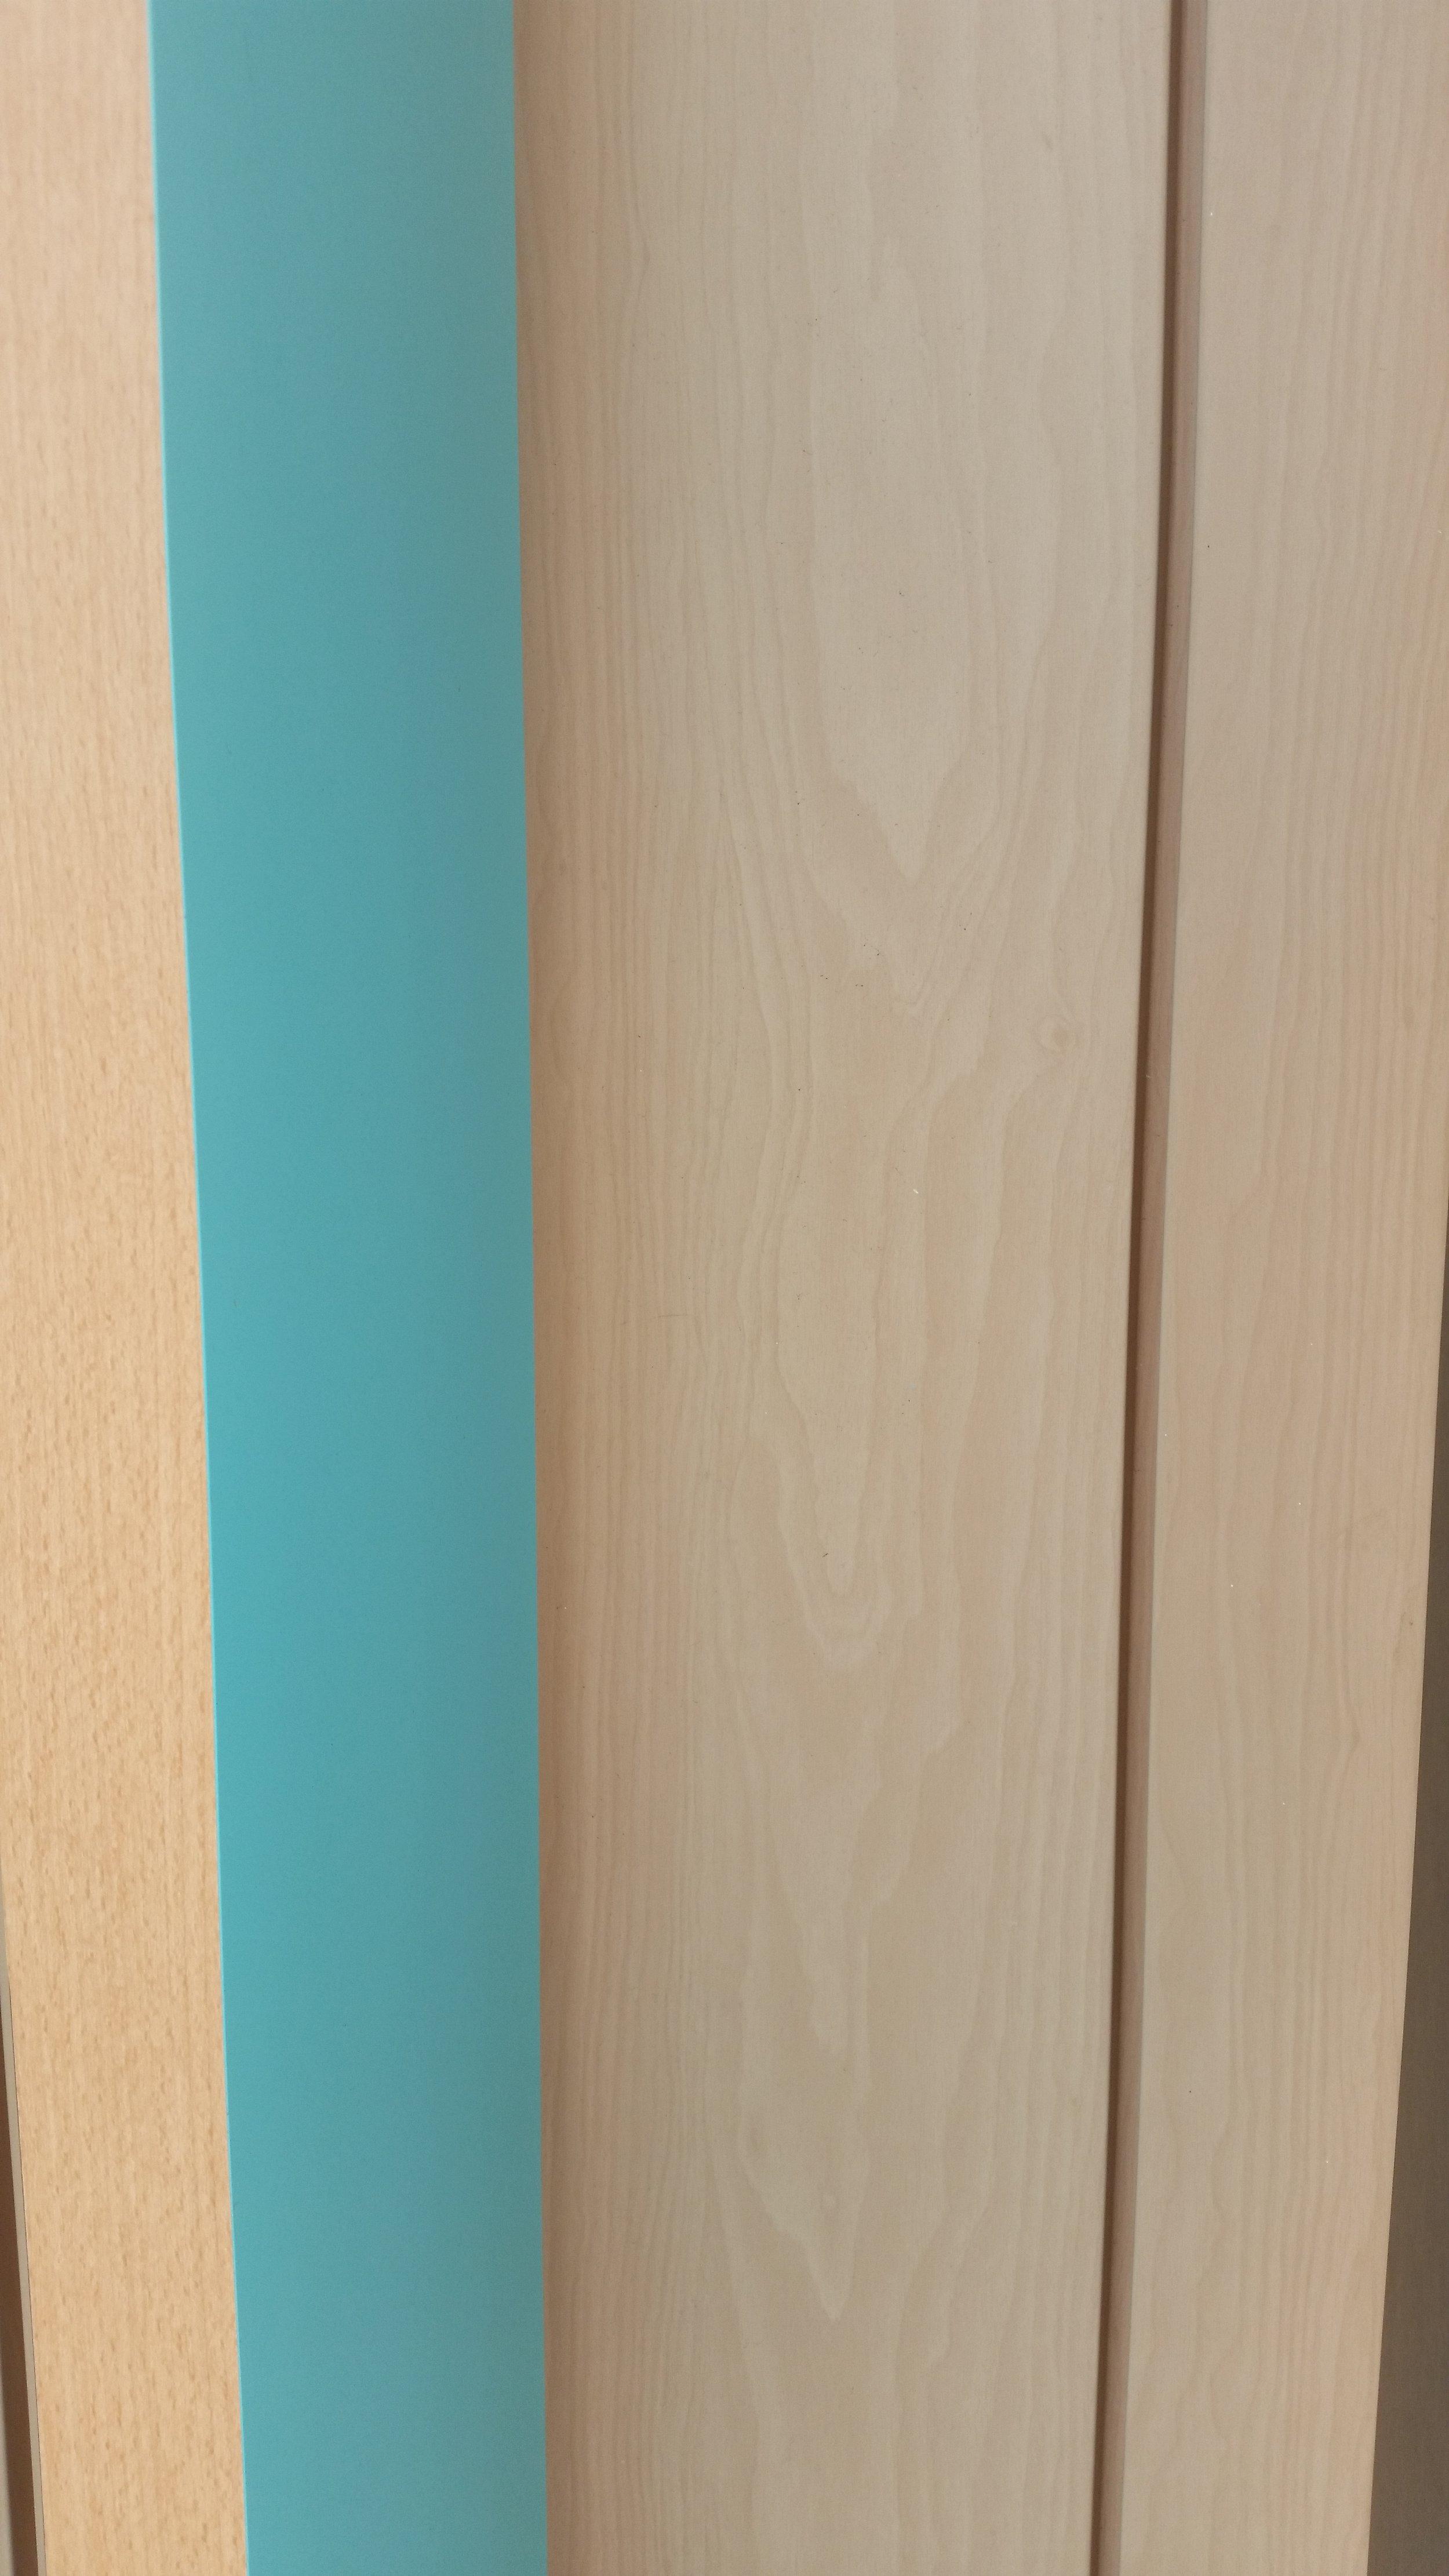 The-Roofing-Store-Steel-Metal-Interlocking-Panel-Lux-Light-Wood-4.jpg.jpg